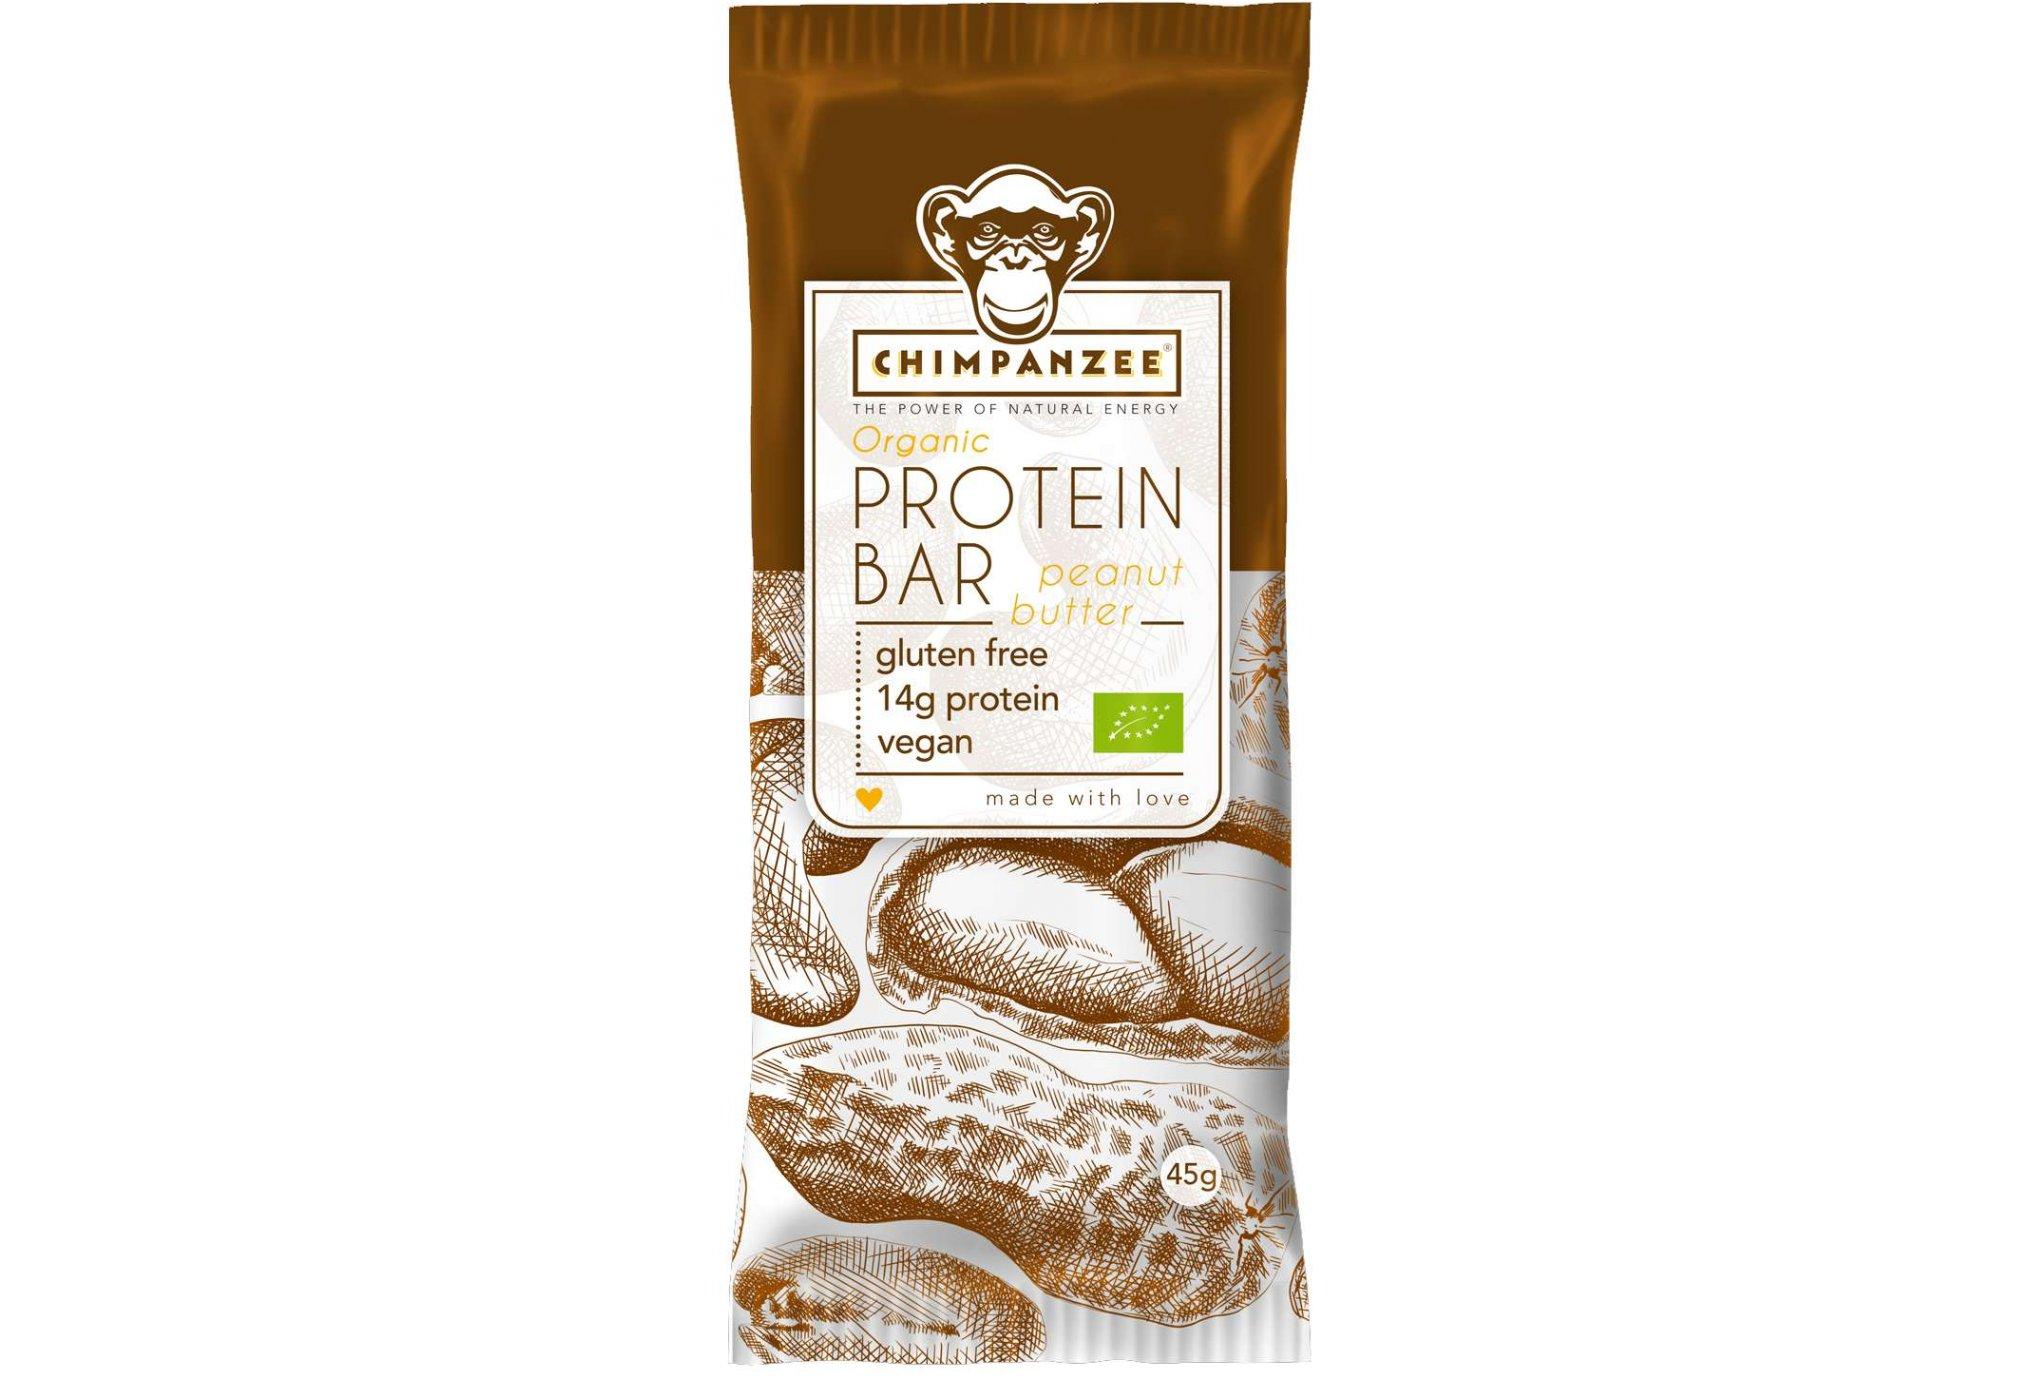 Chimpanzee Barre protéines - Beurre de cacahuète Diététique Protéines / récupération